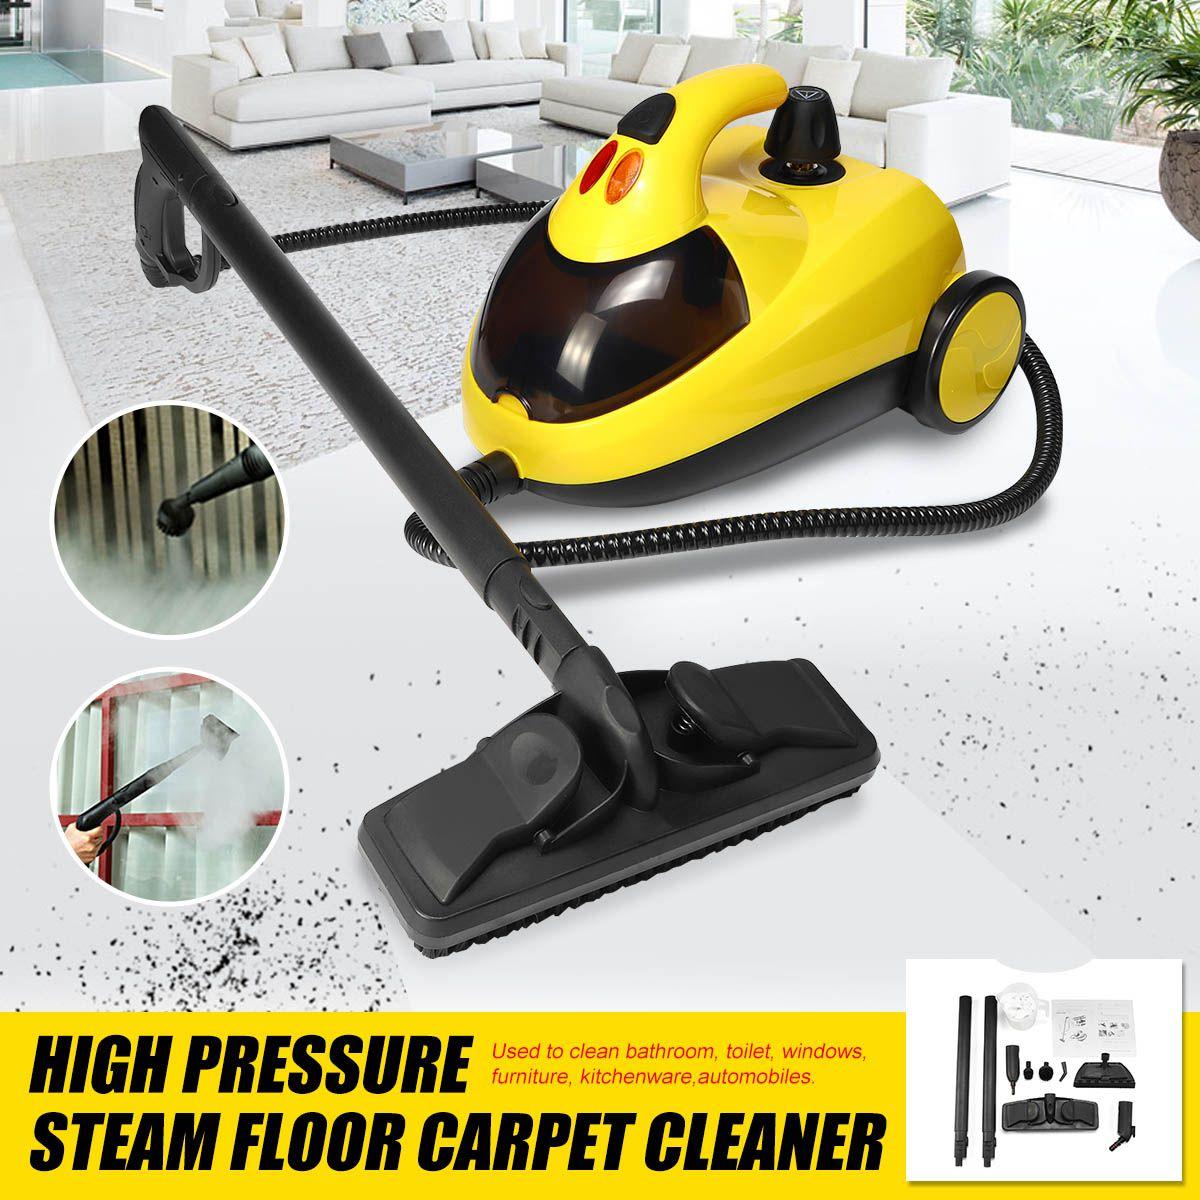 Hochdruck Dampf Boden Teppich Reiniger Waschmaschine Reinigung Maschine 13in1 AU220V 1.5L4.0 1800W Bar 360 Rad für Sauberes Bad auto